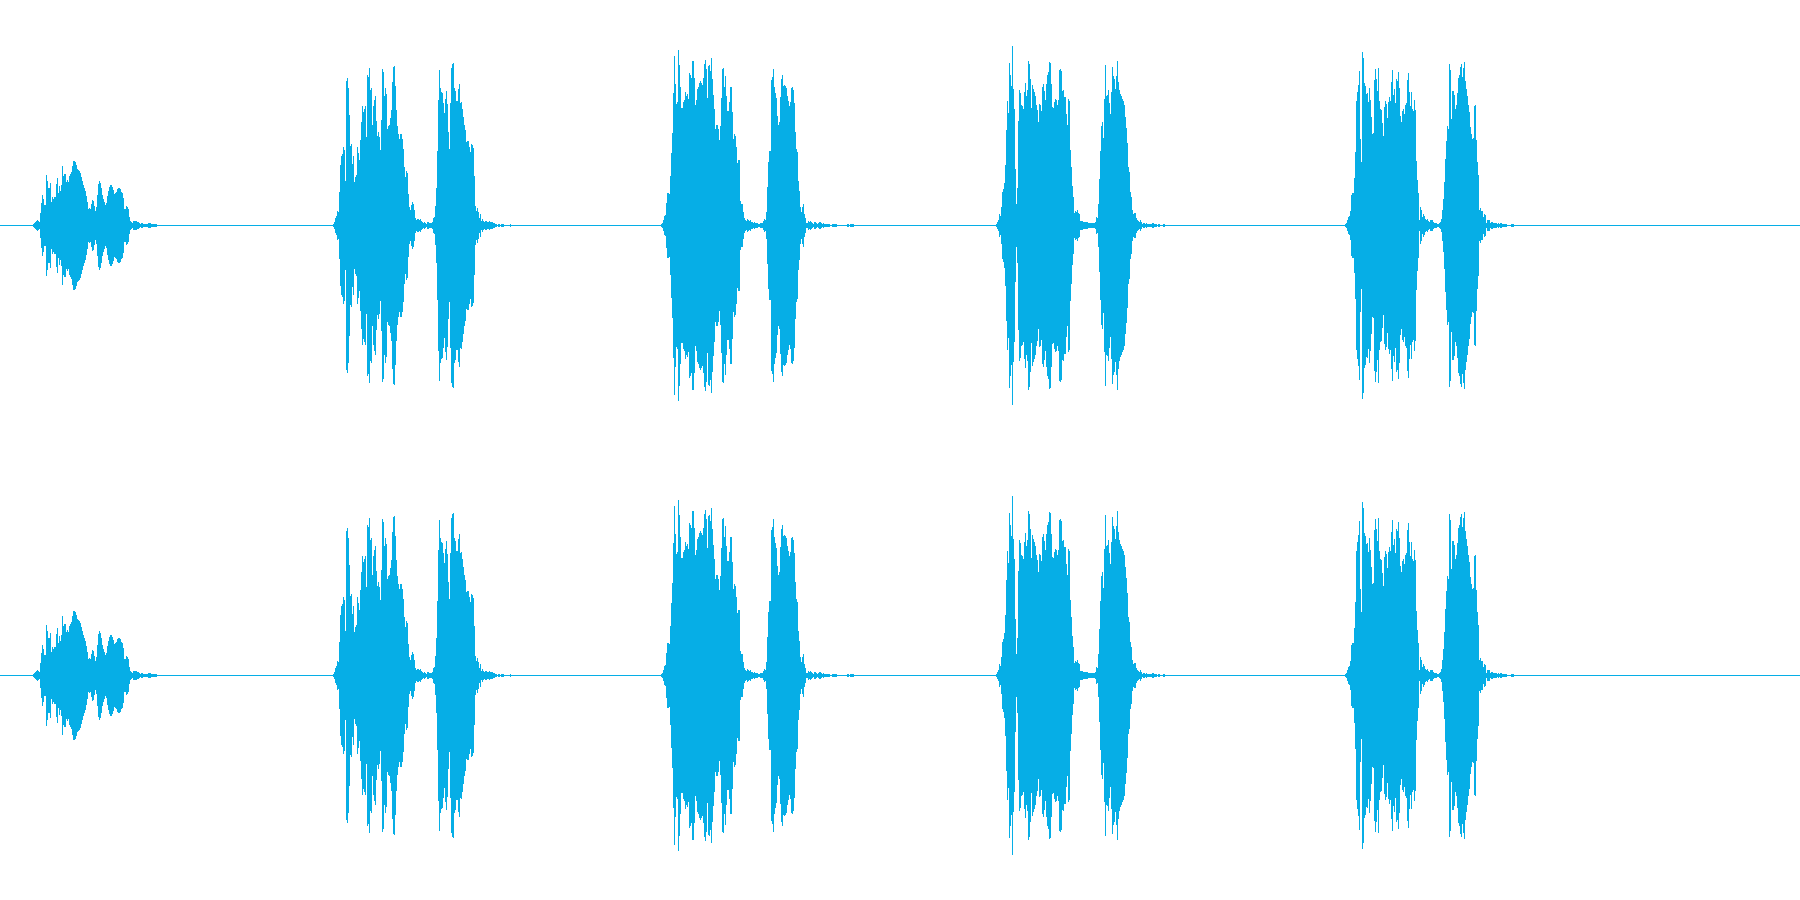 ウズラの鳴き声05-01の再生済みの波形